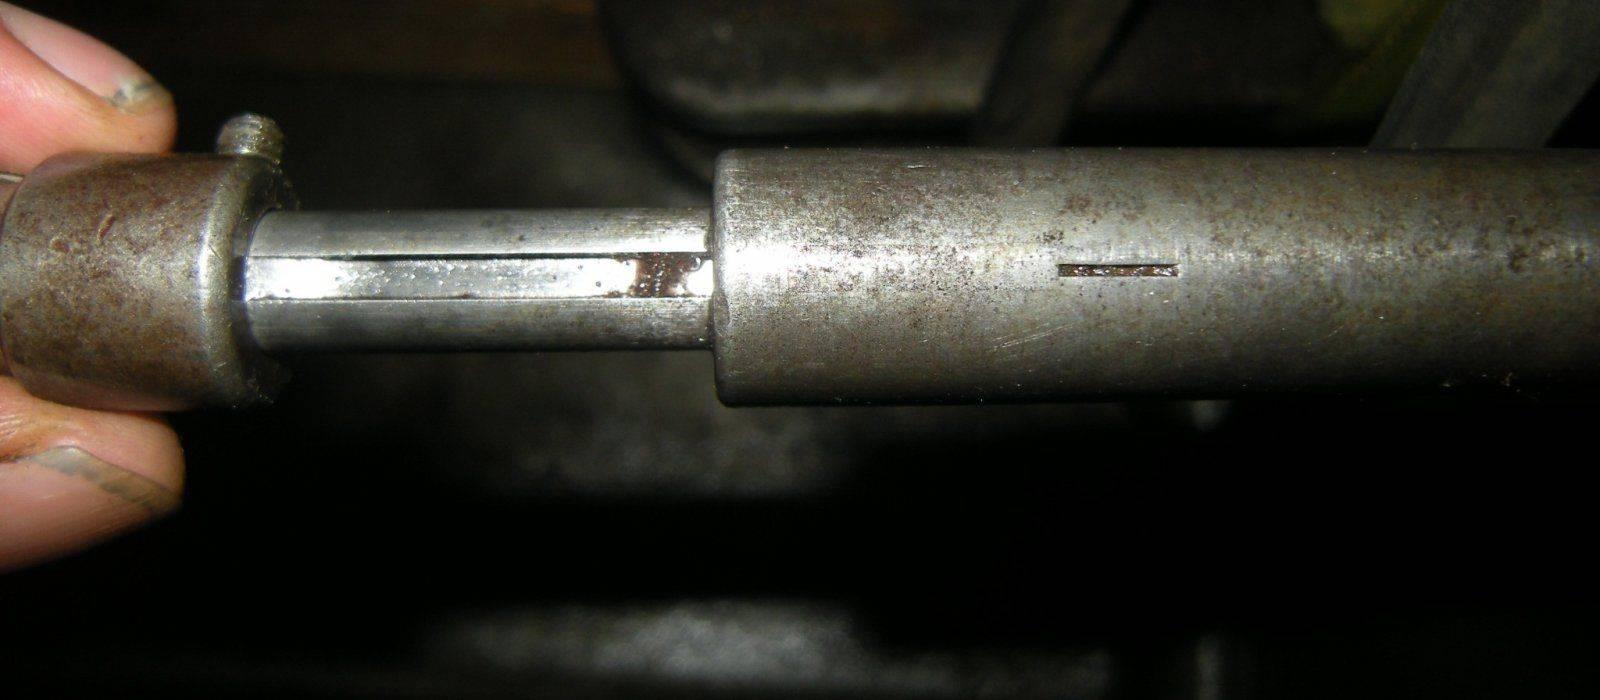 DSCN2755.JPG